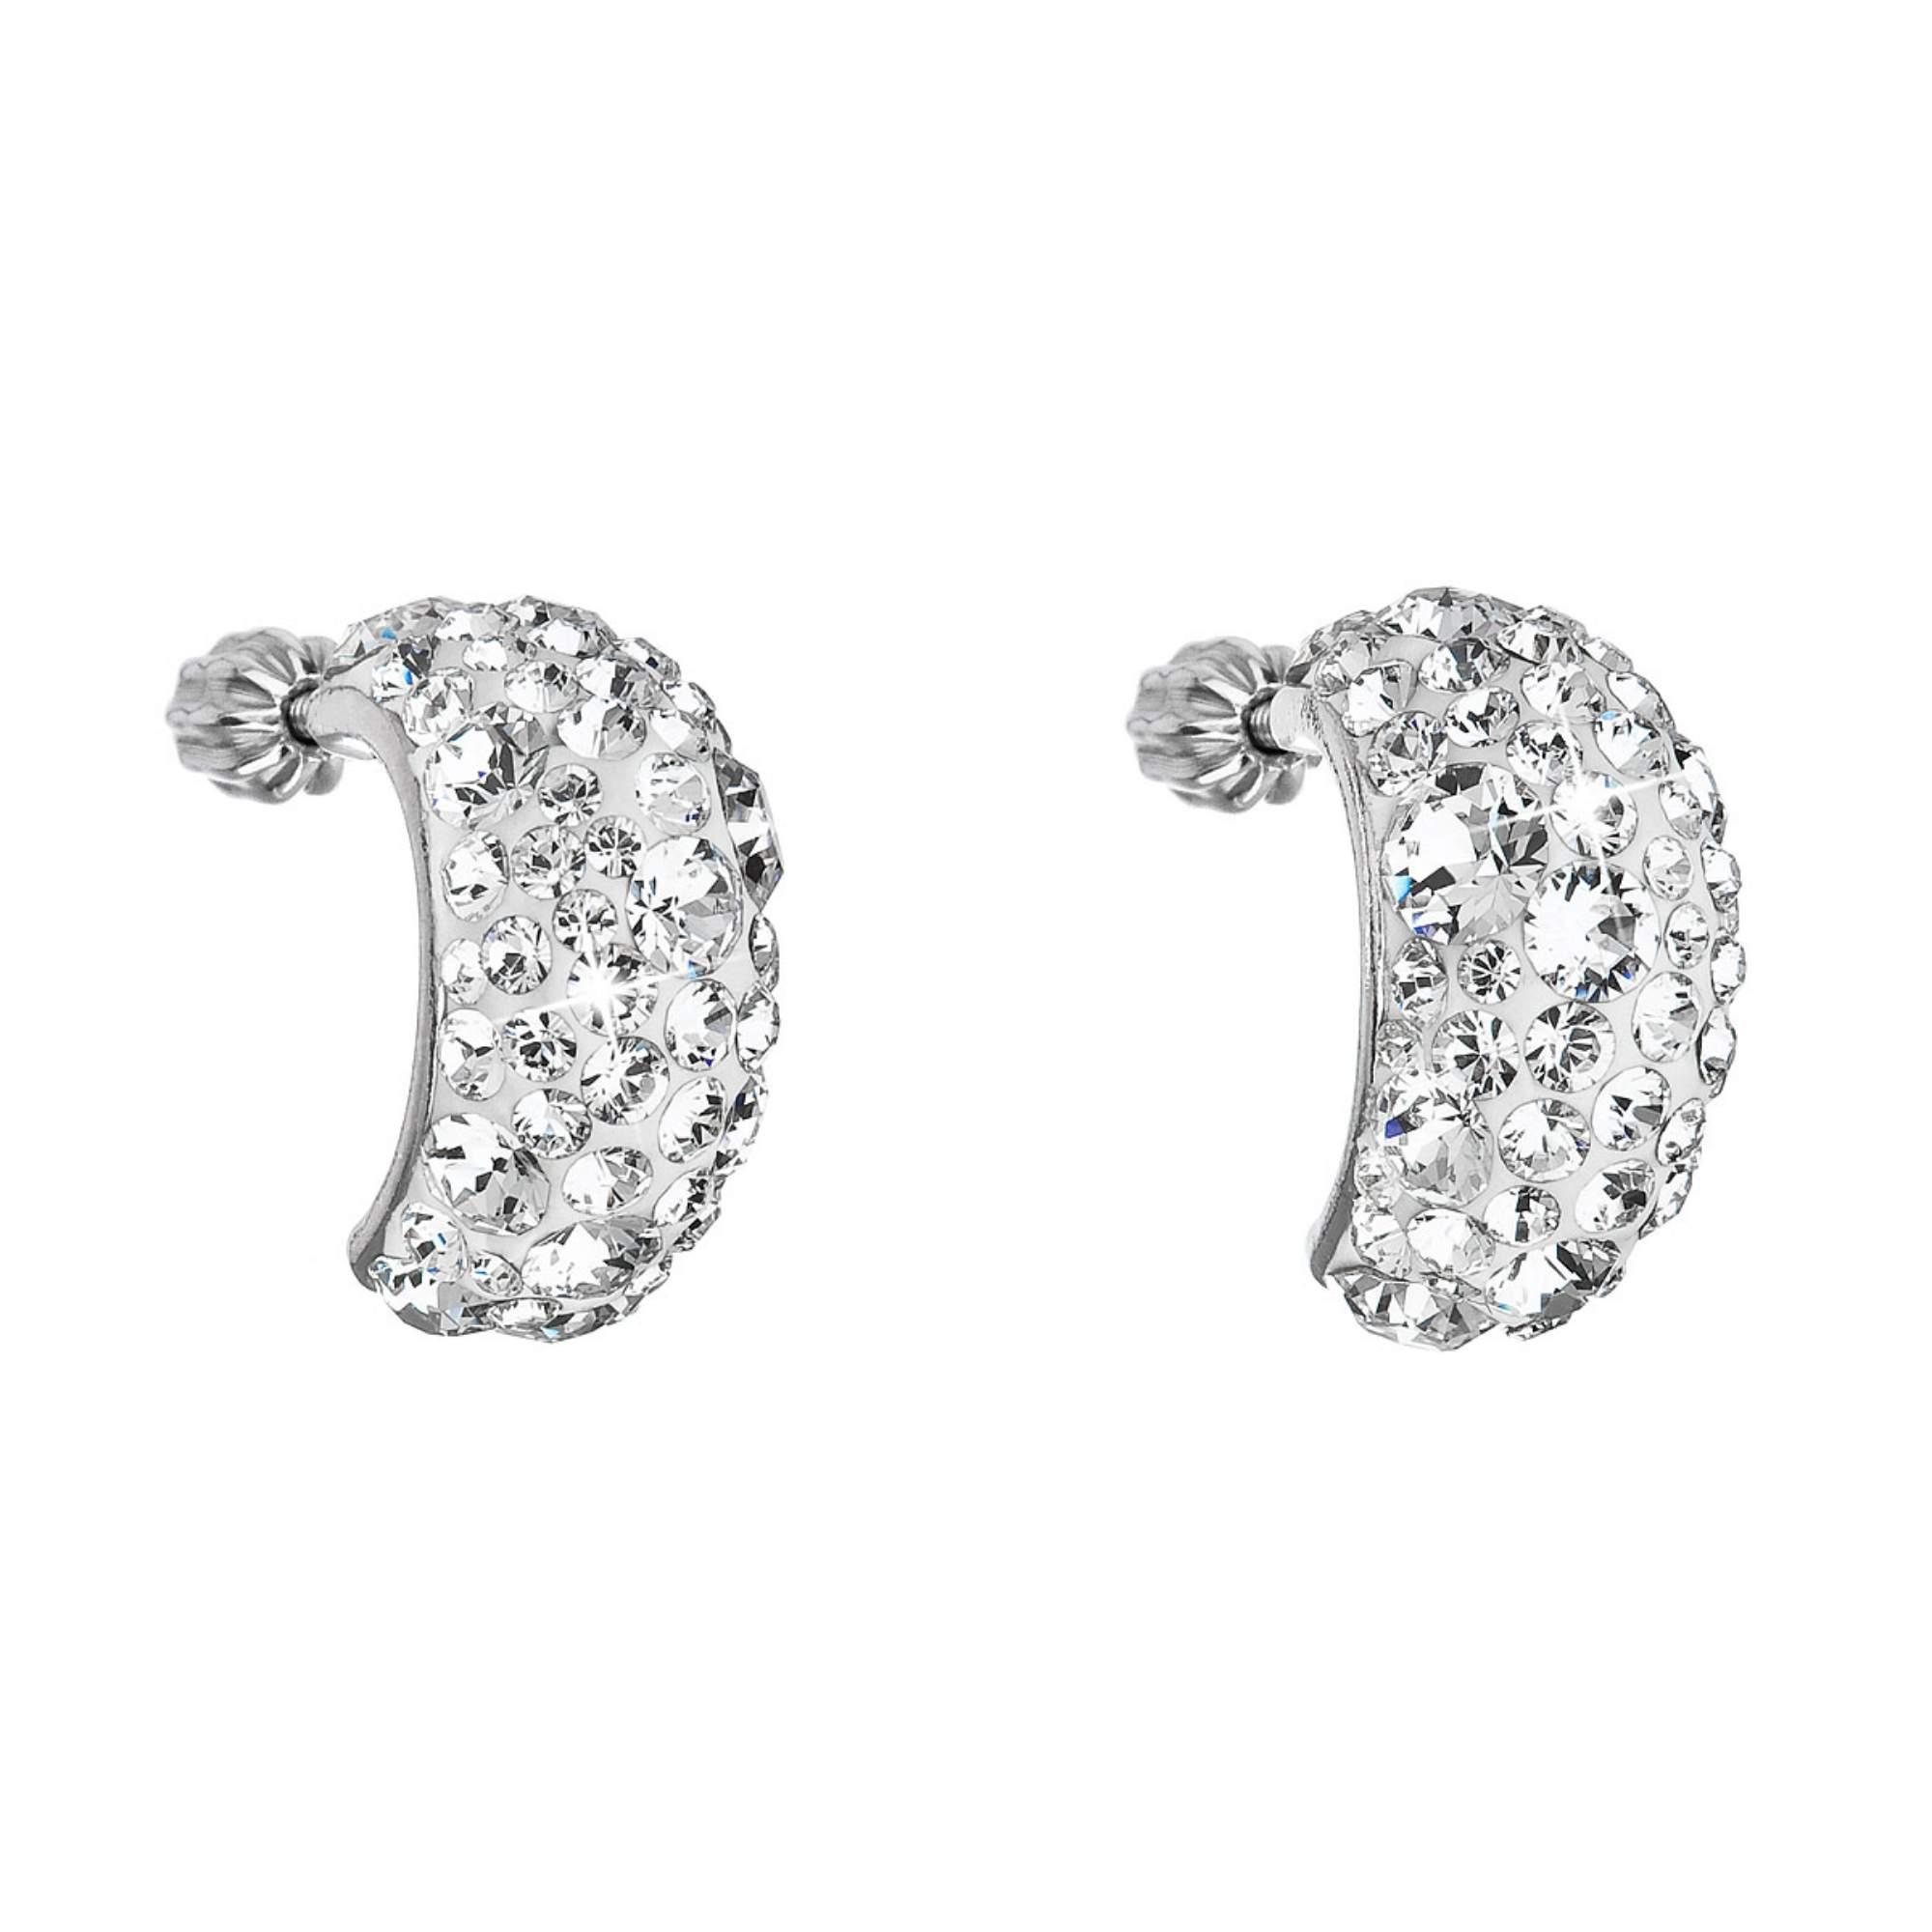 Stříbrné šroubovací náušnice s krystaly Crystals from Swarovski®, Crystal EG2002-CR